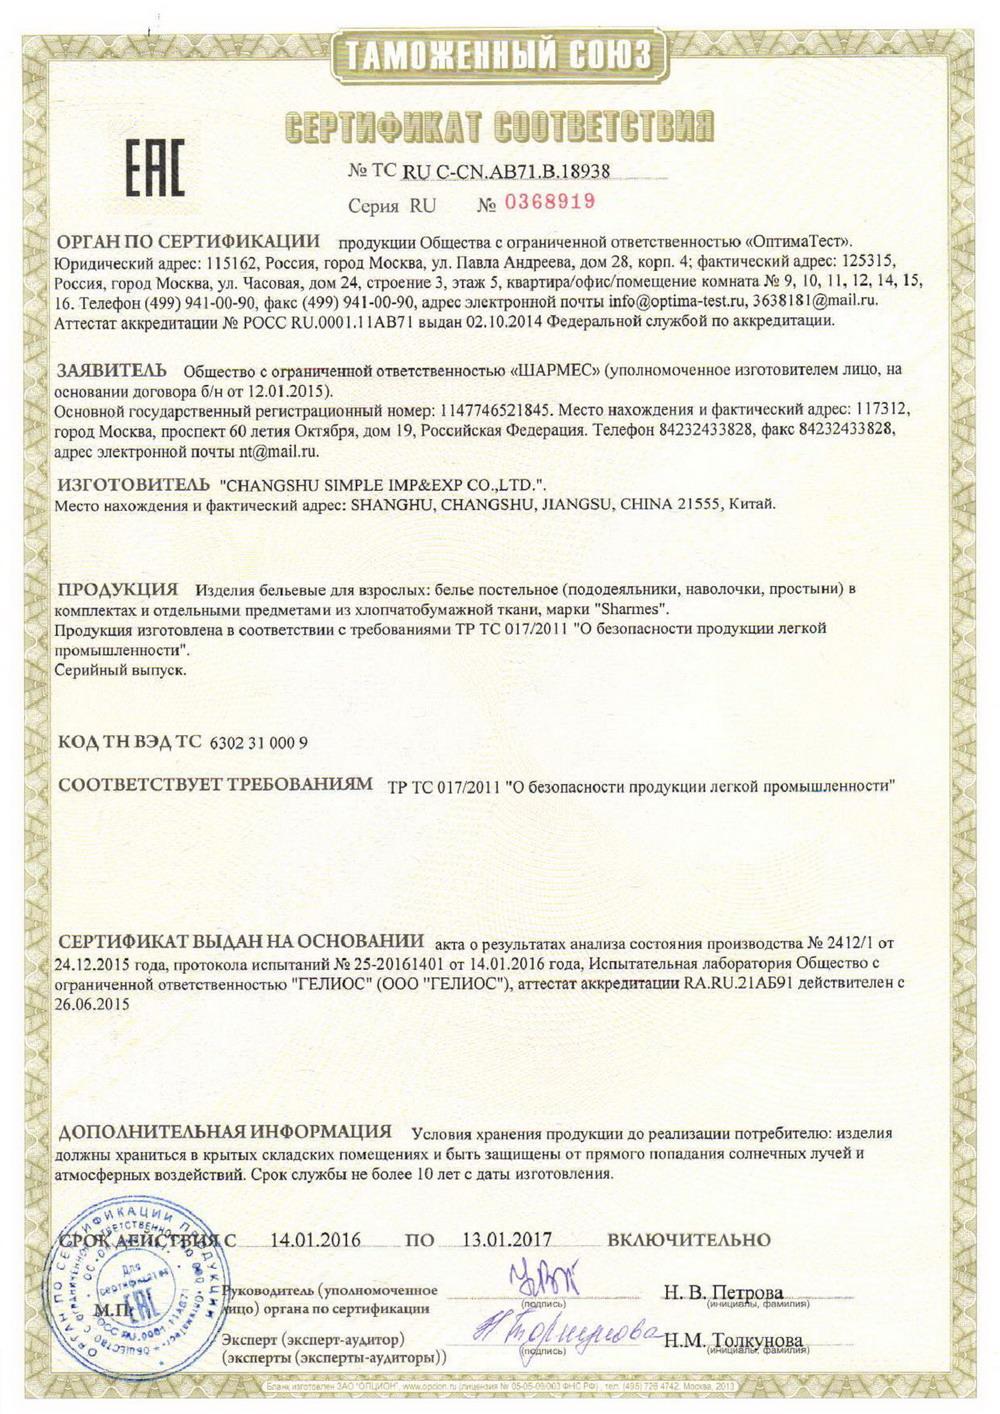 Таможенная декларация на Sharmes